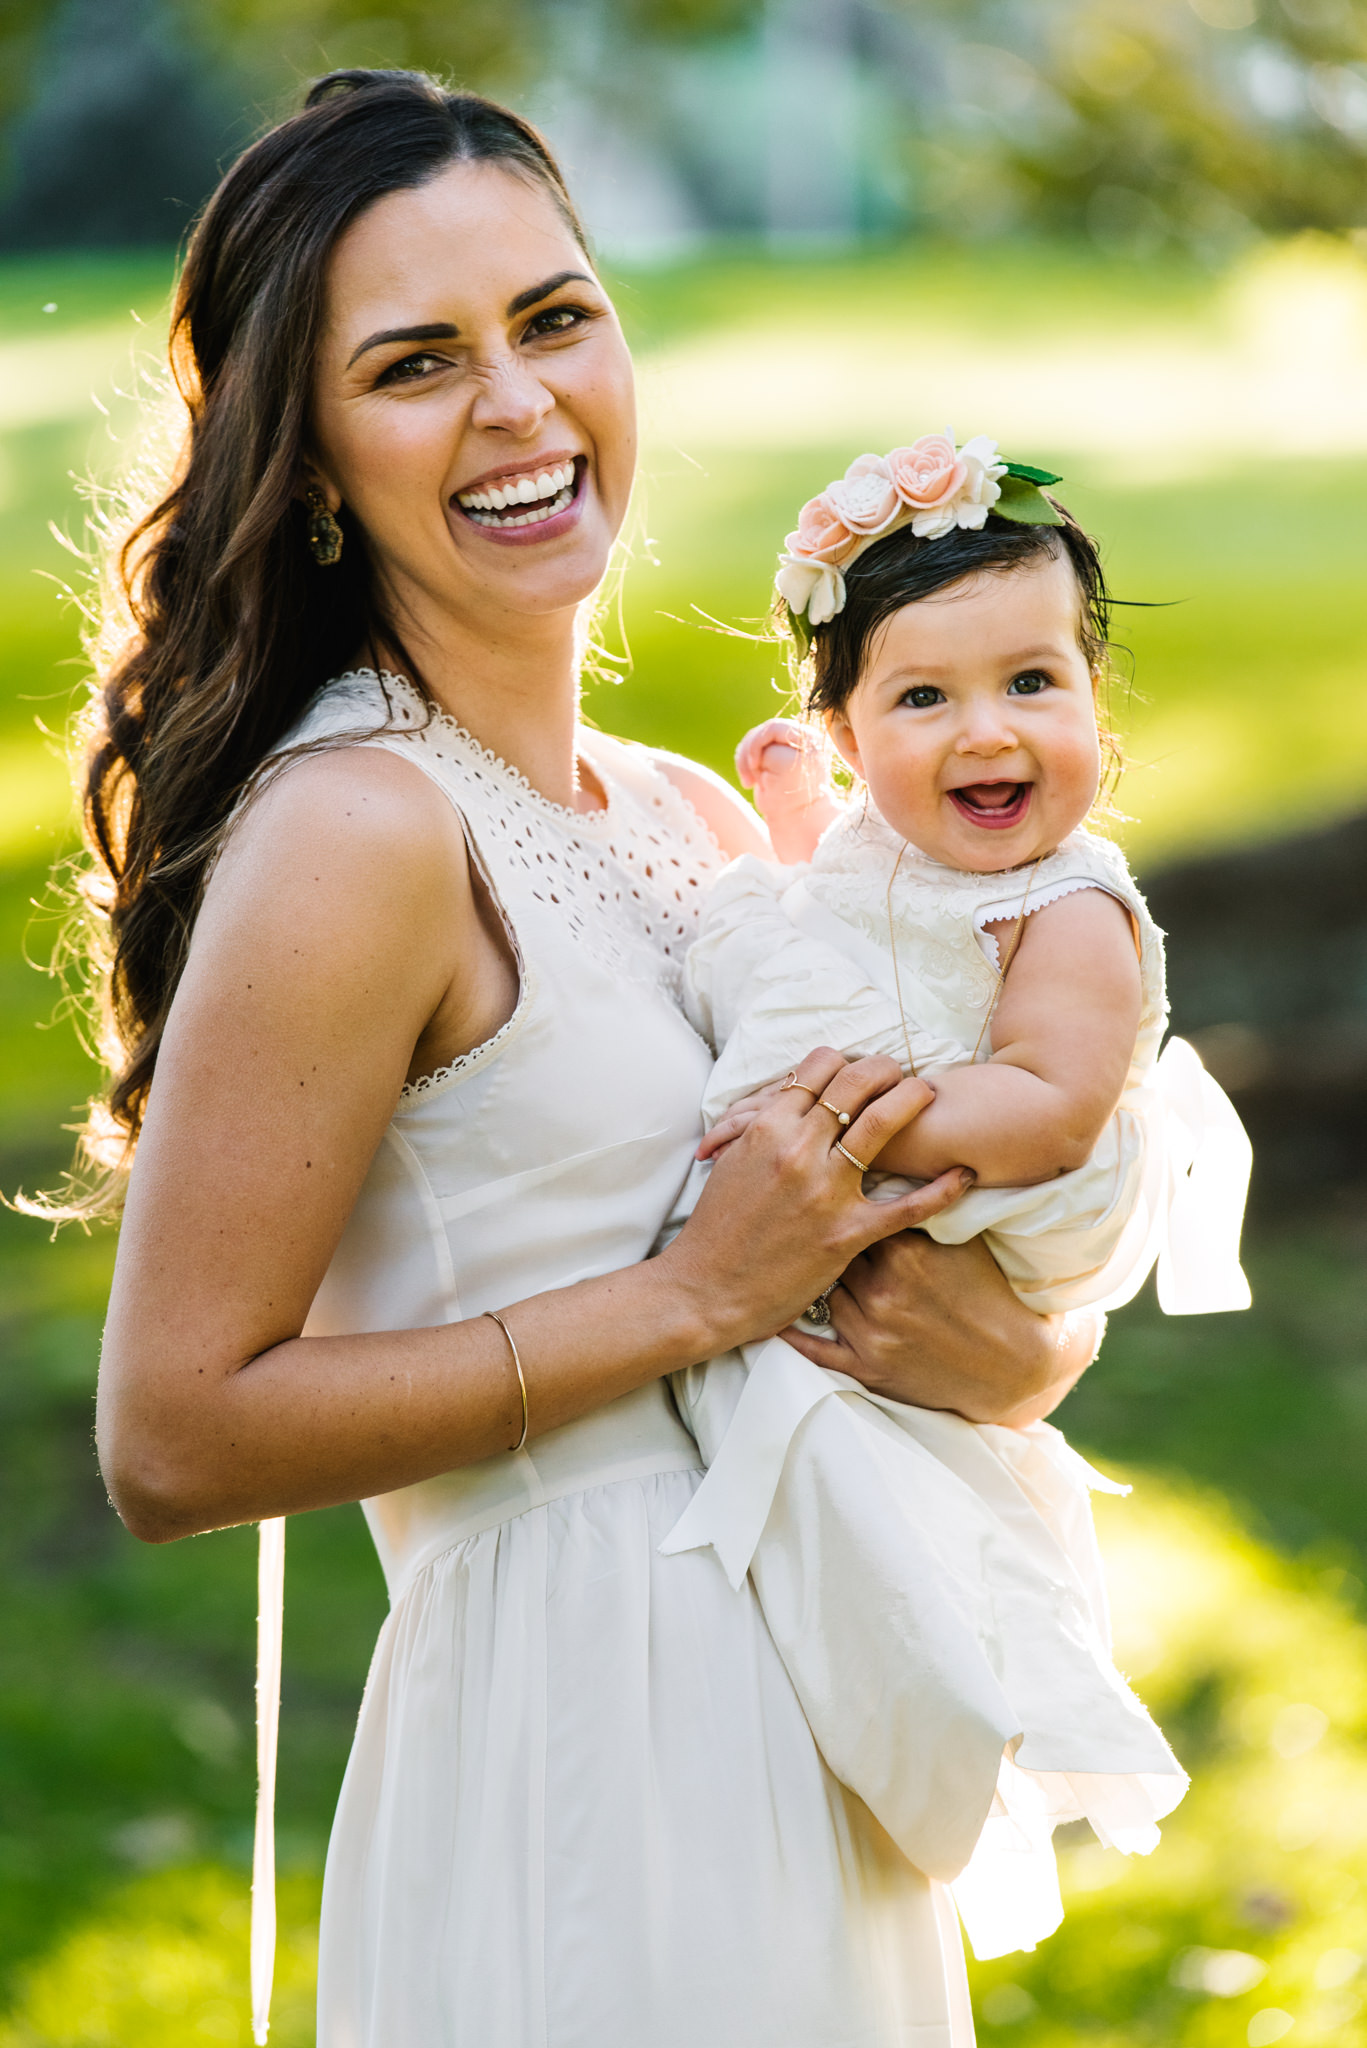 Mum and baby at christening.jpg